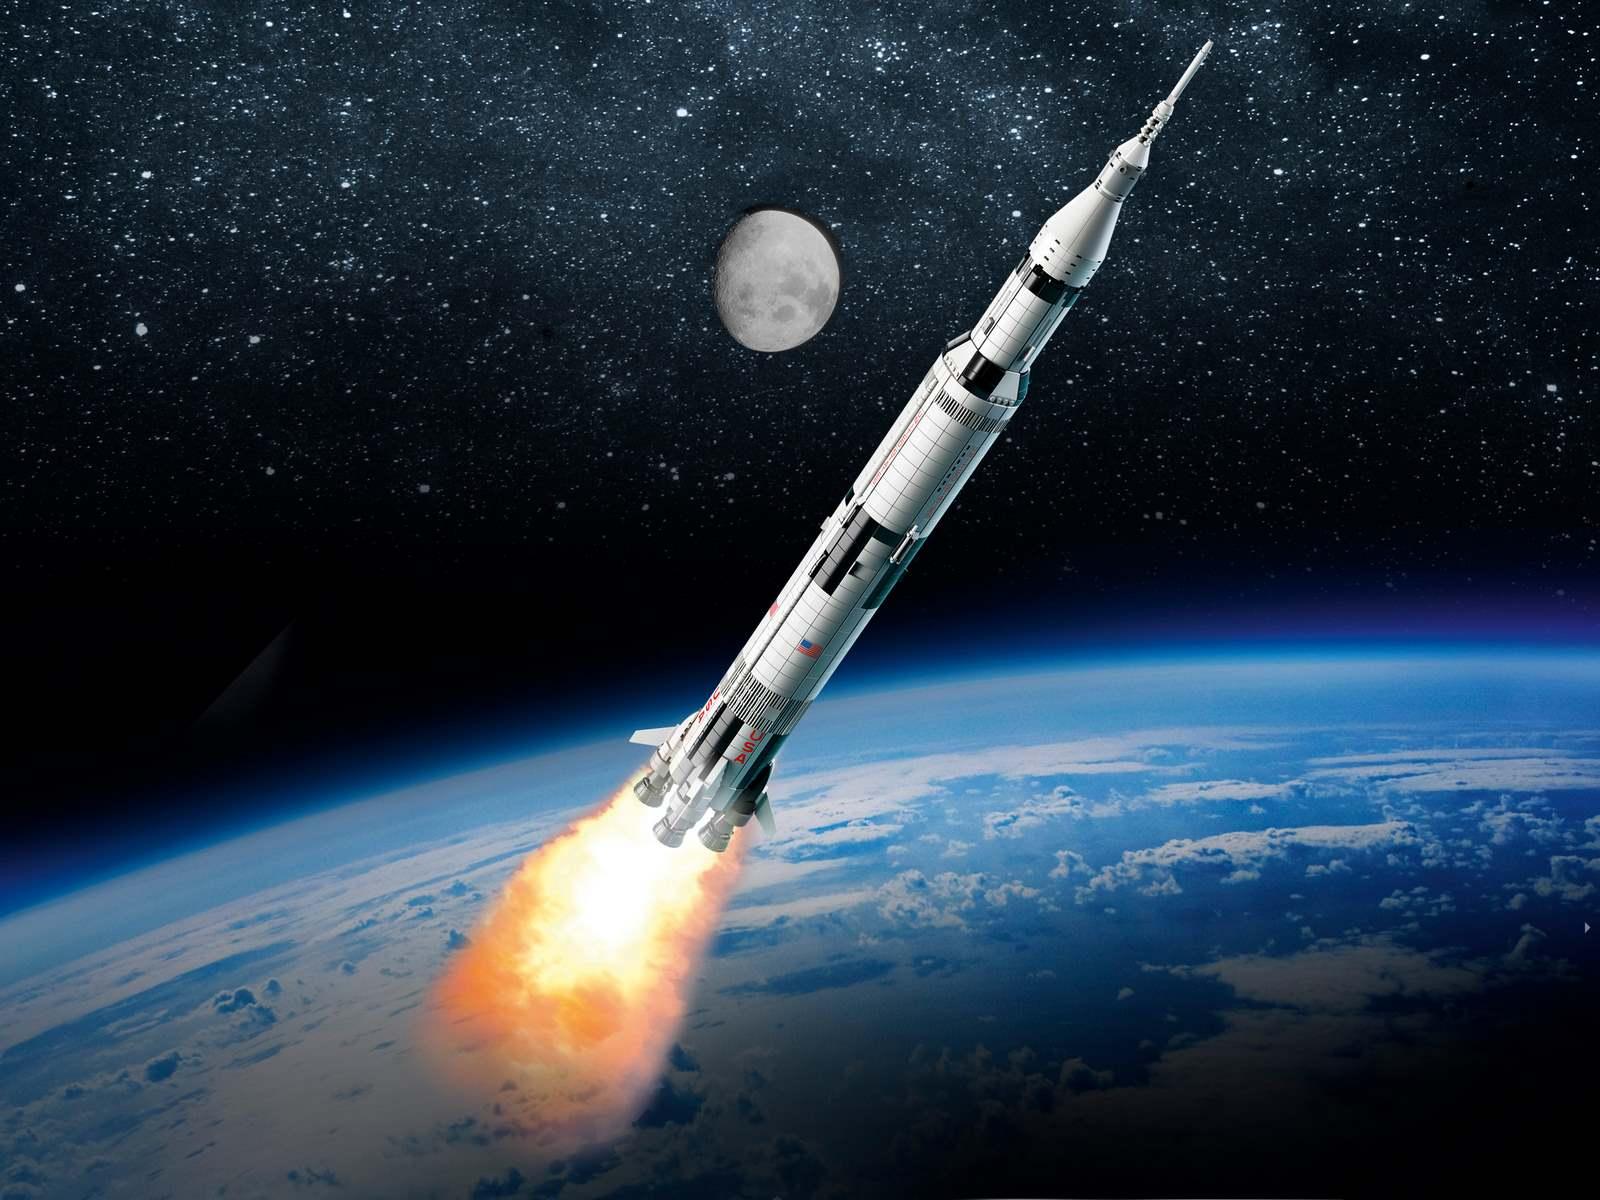 Конструктор KING «Ракета-носитель Сатурн-5 миссия Аполлон» 80013 (Ideas 21309) / 2009 деталей